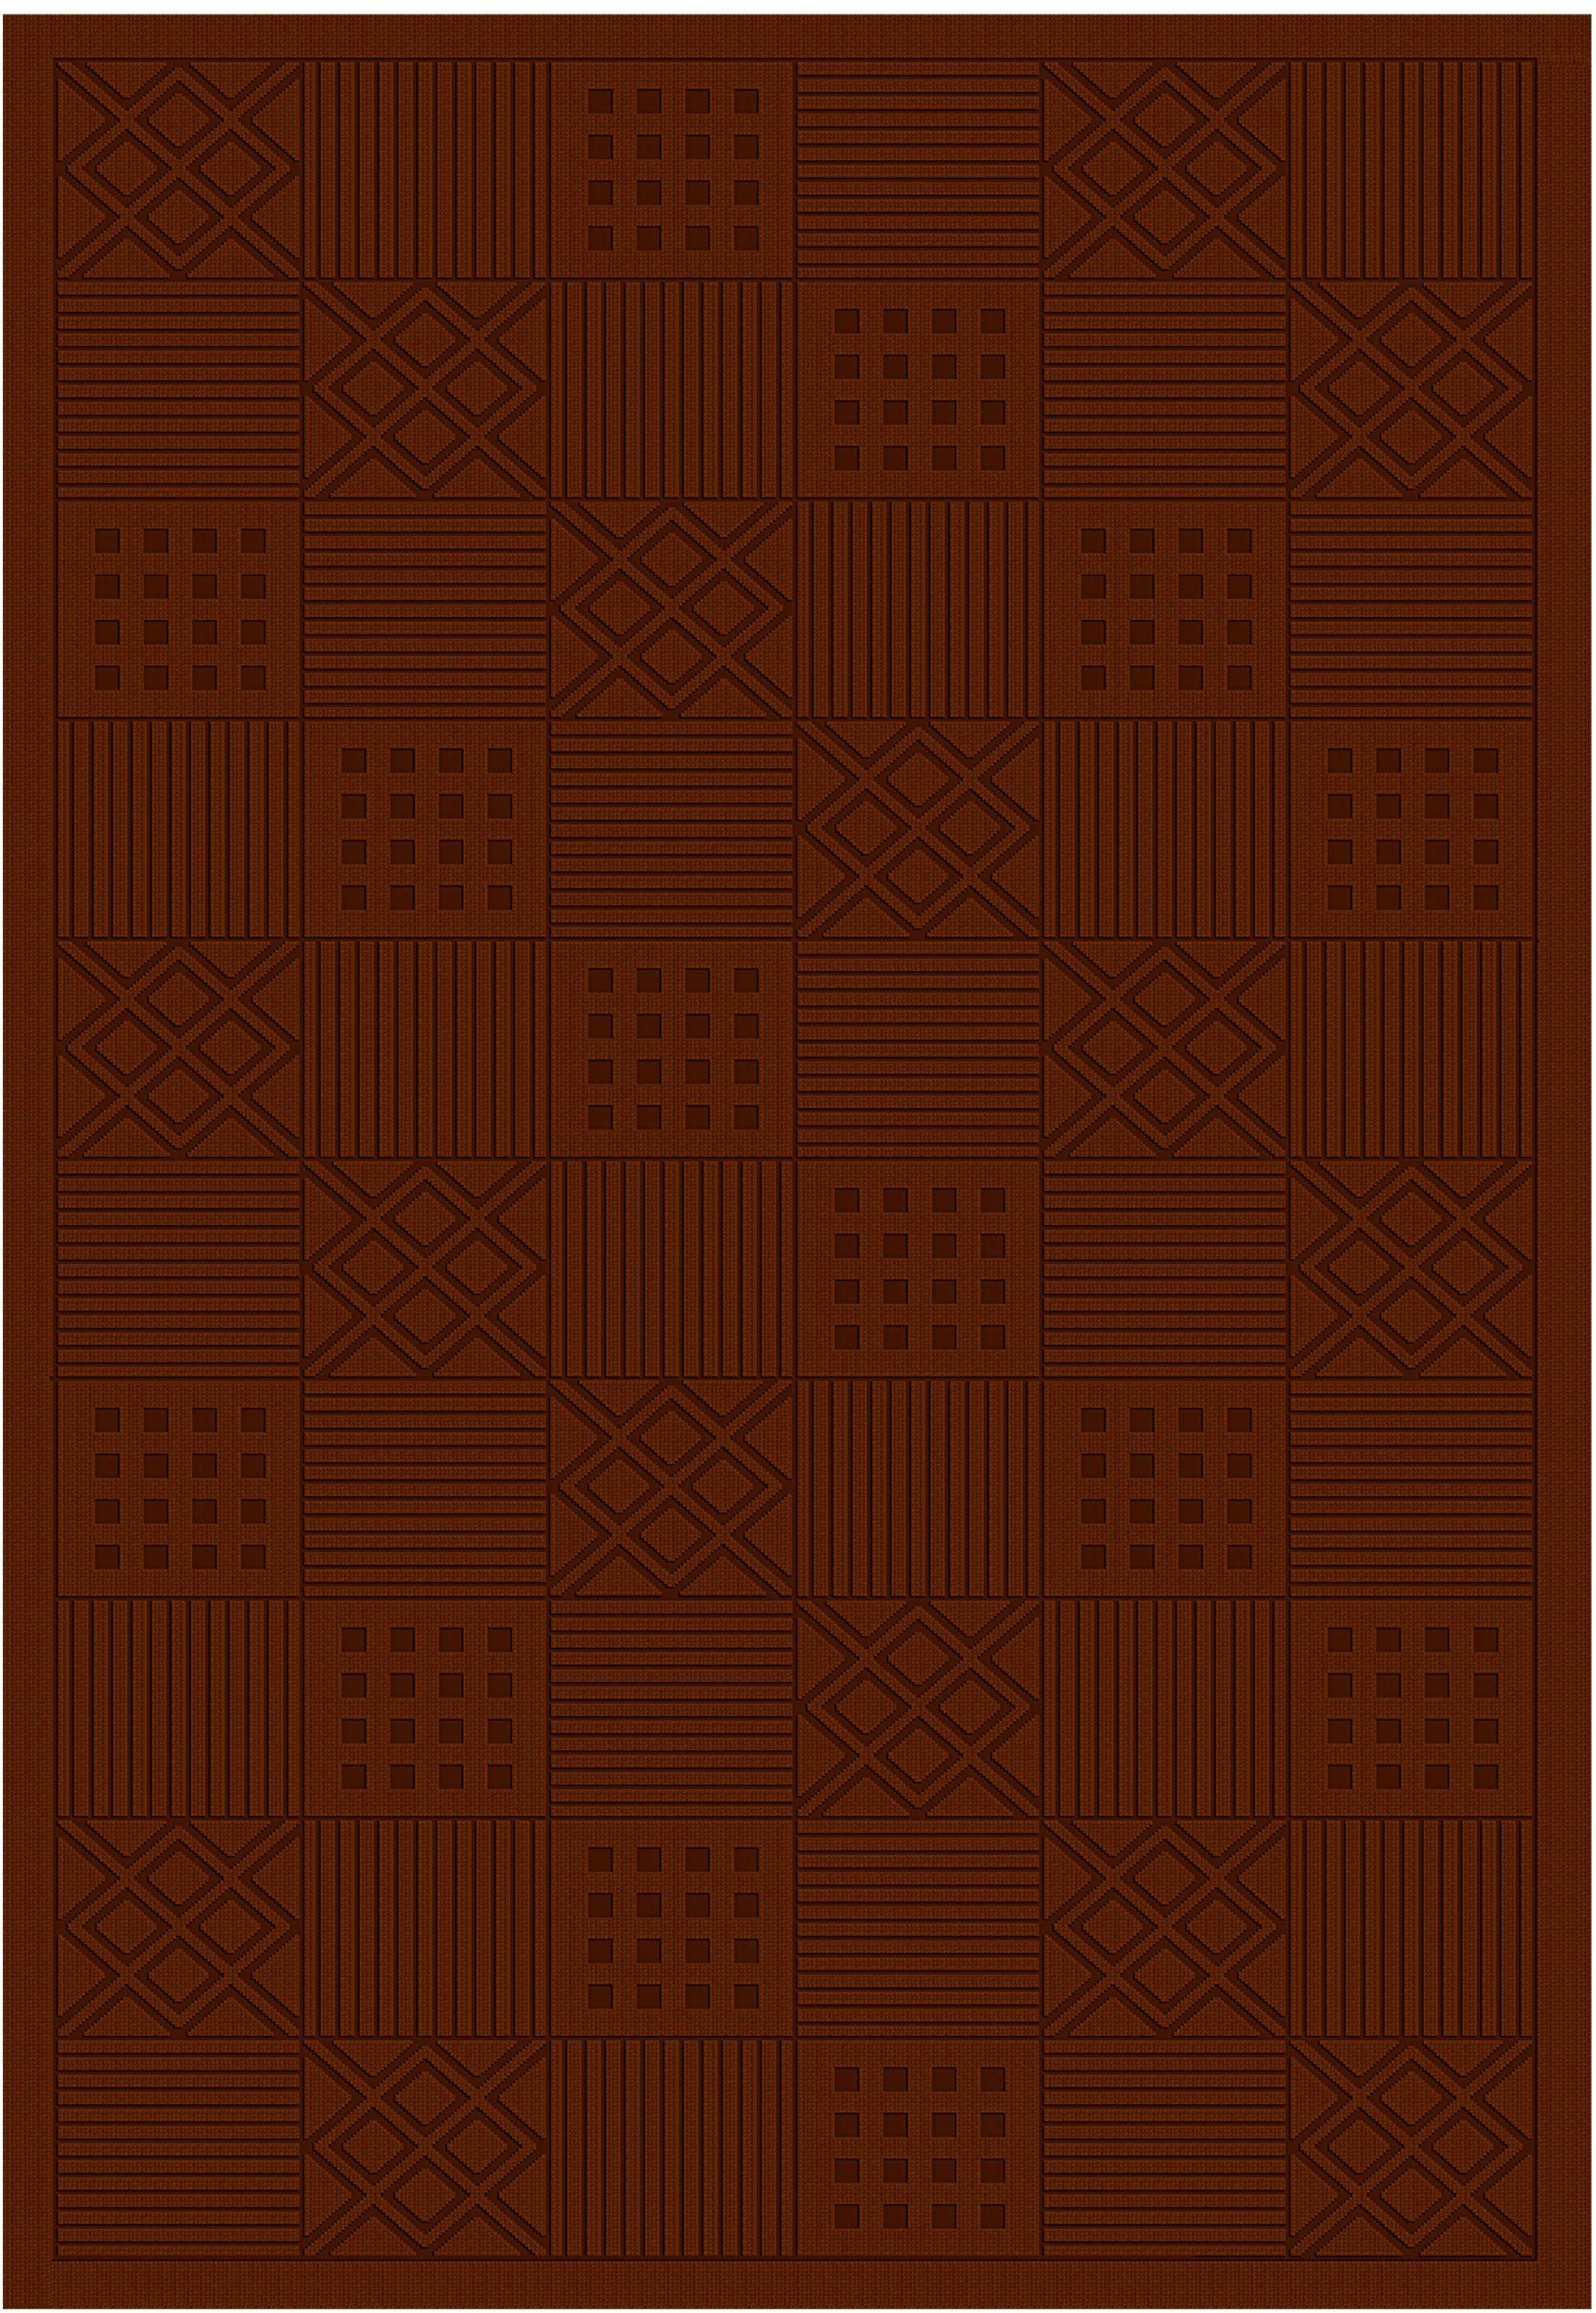 Cheshire Modelama Redwood Rug Rug Size: 8' x 10'